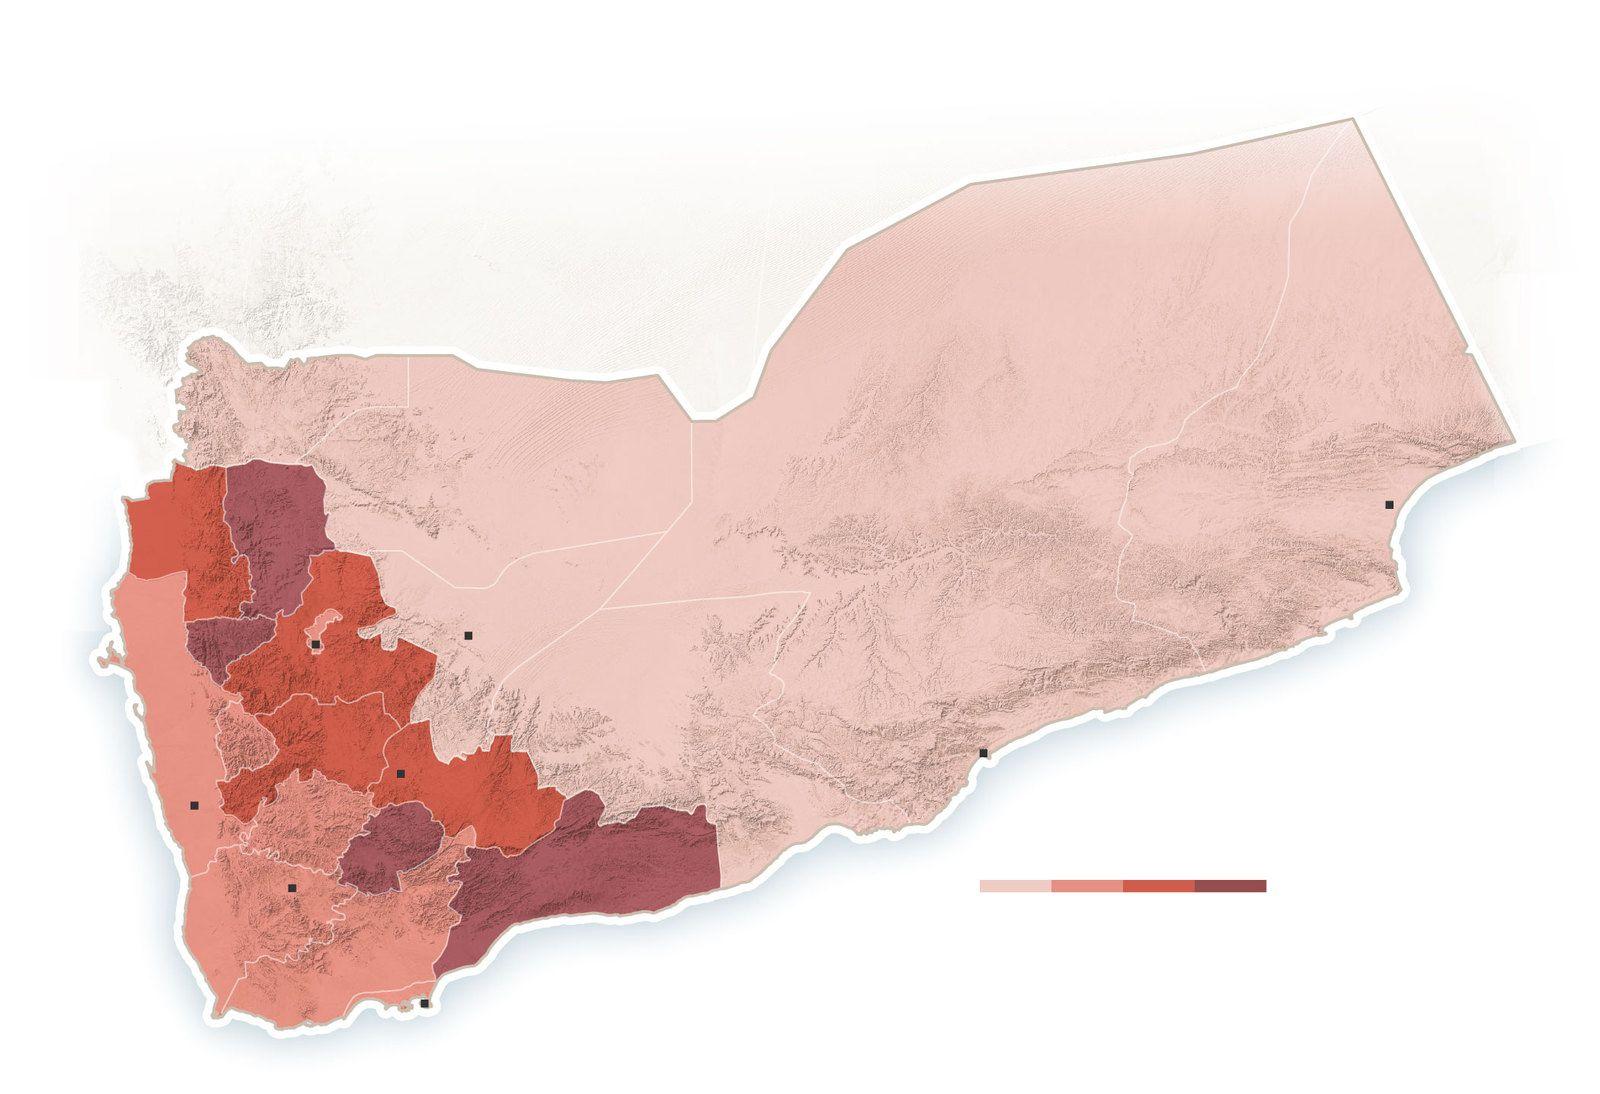 Nouvelles preuves du rôle de l'Iran dans l'armement des rebelles yéménites selon l'ONU (AFP)